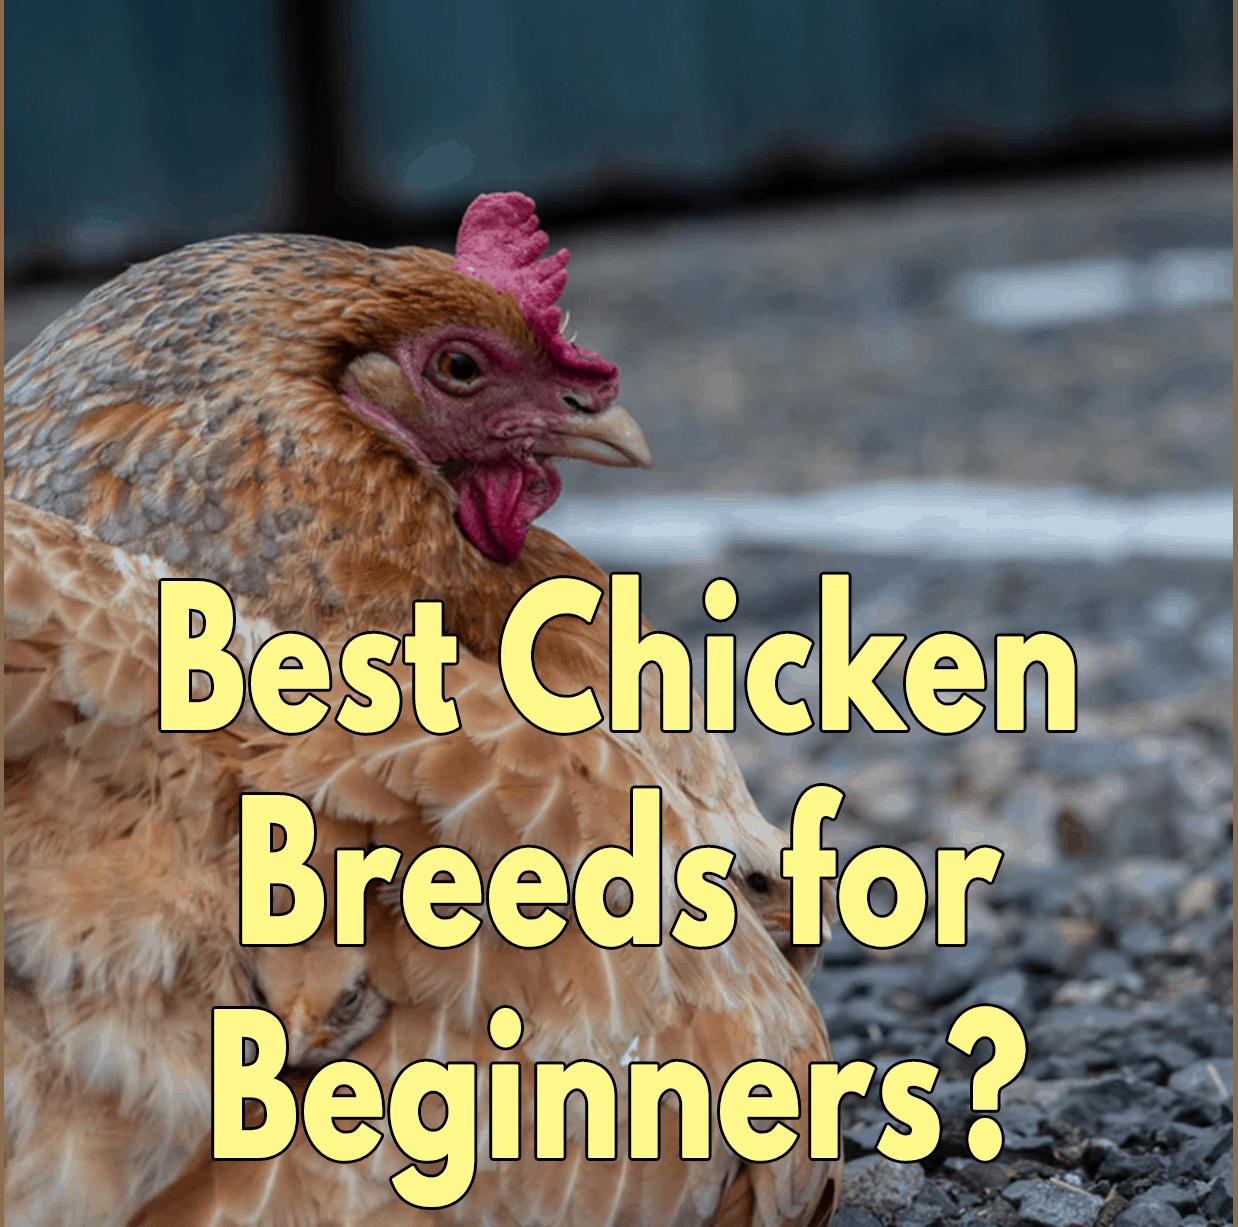 Best Chicken Breeds for Beginners?